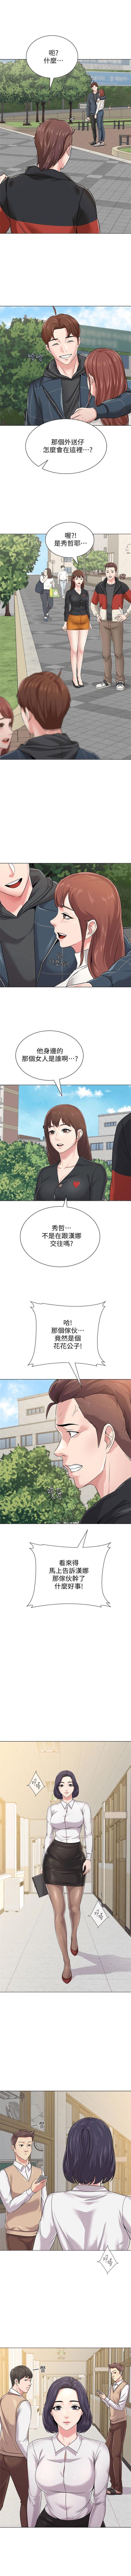 老師 1-80 官方中文(連載中) 313